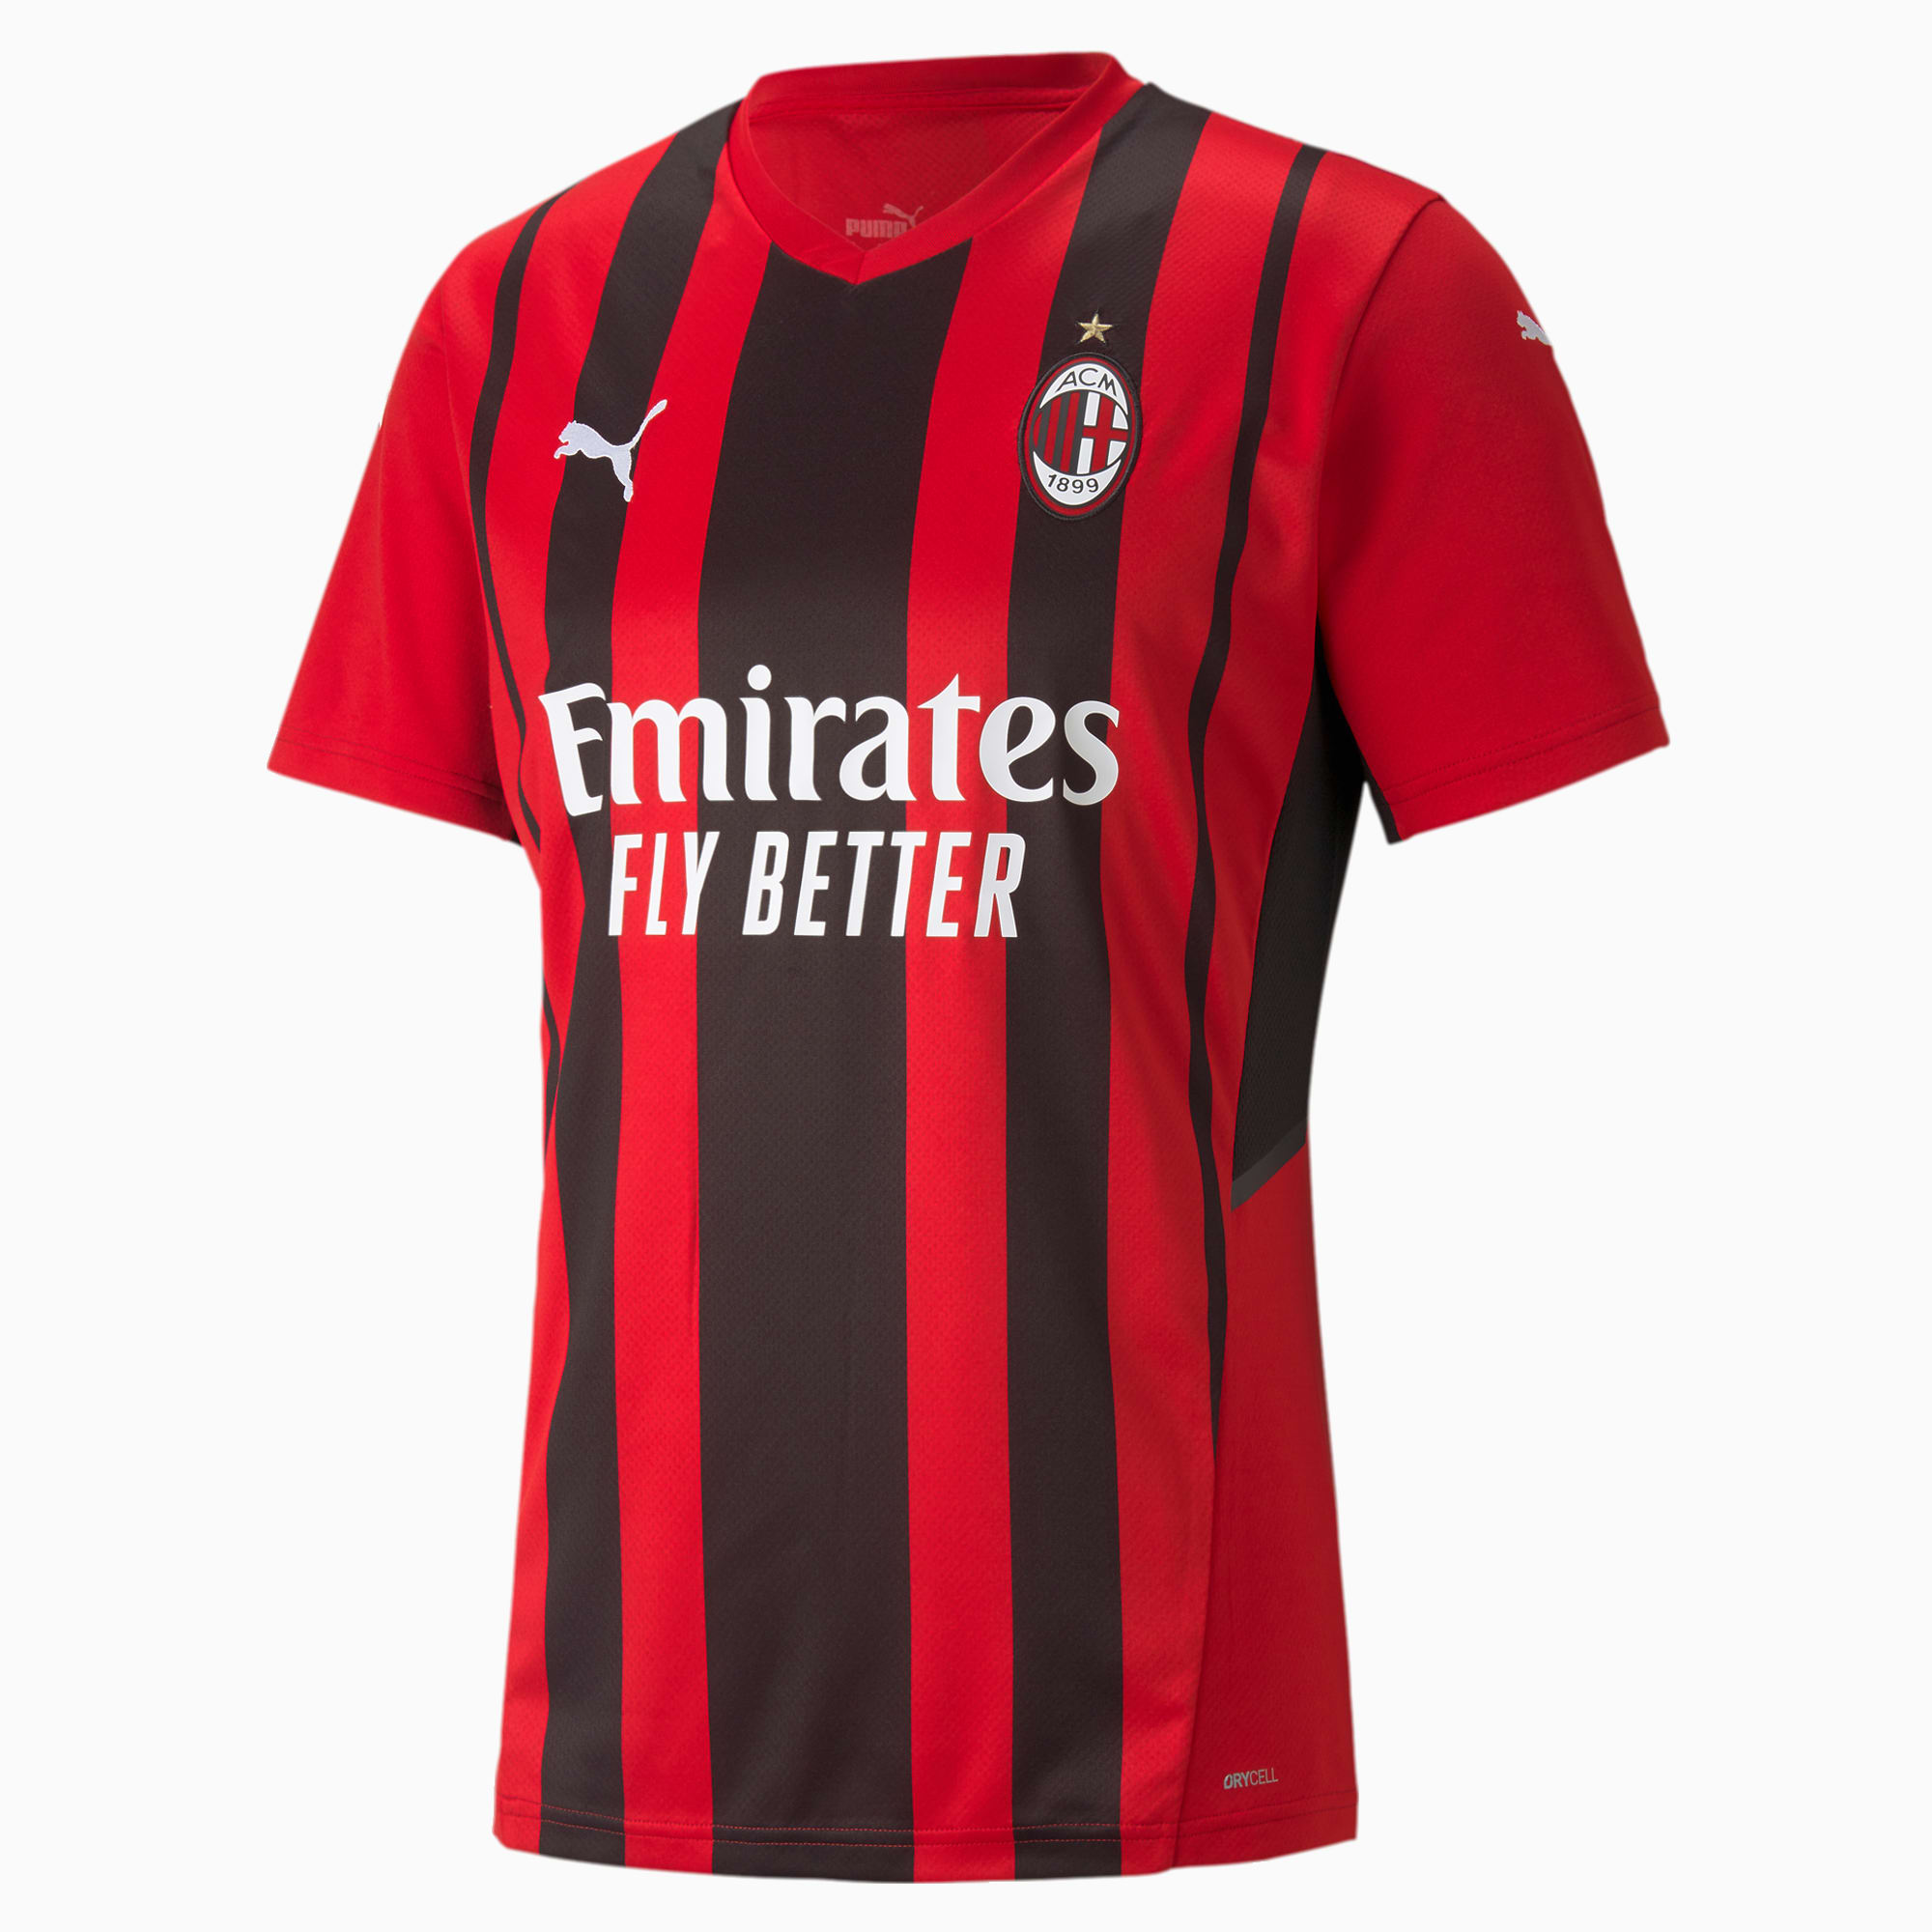 Maglia AC Milan Home Replica Uomo